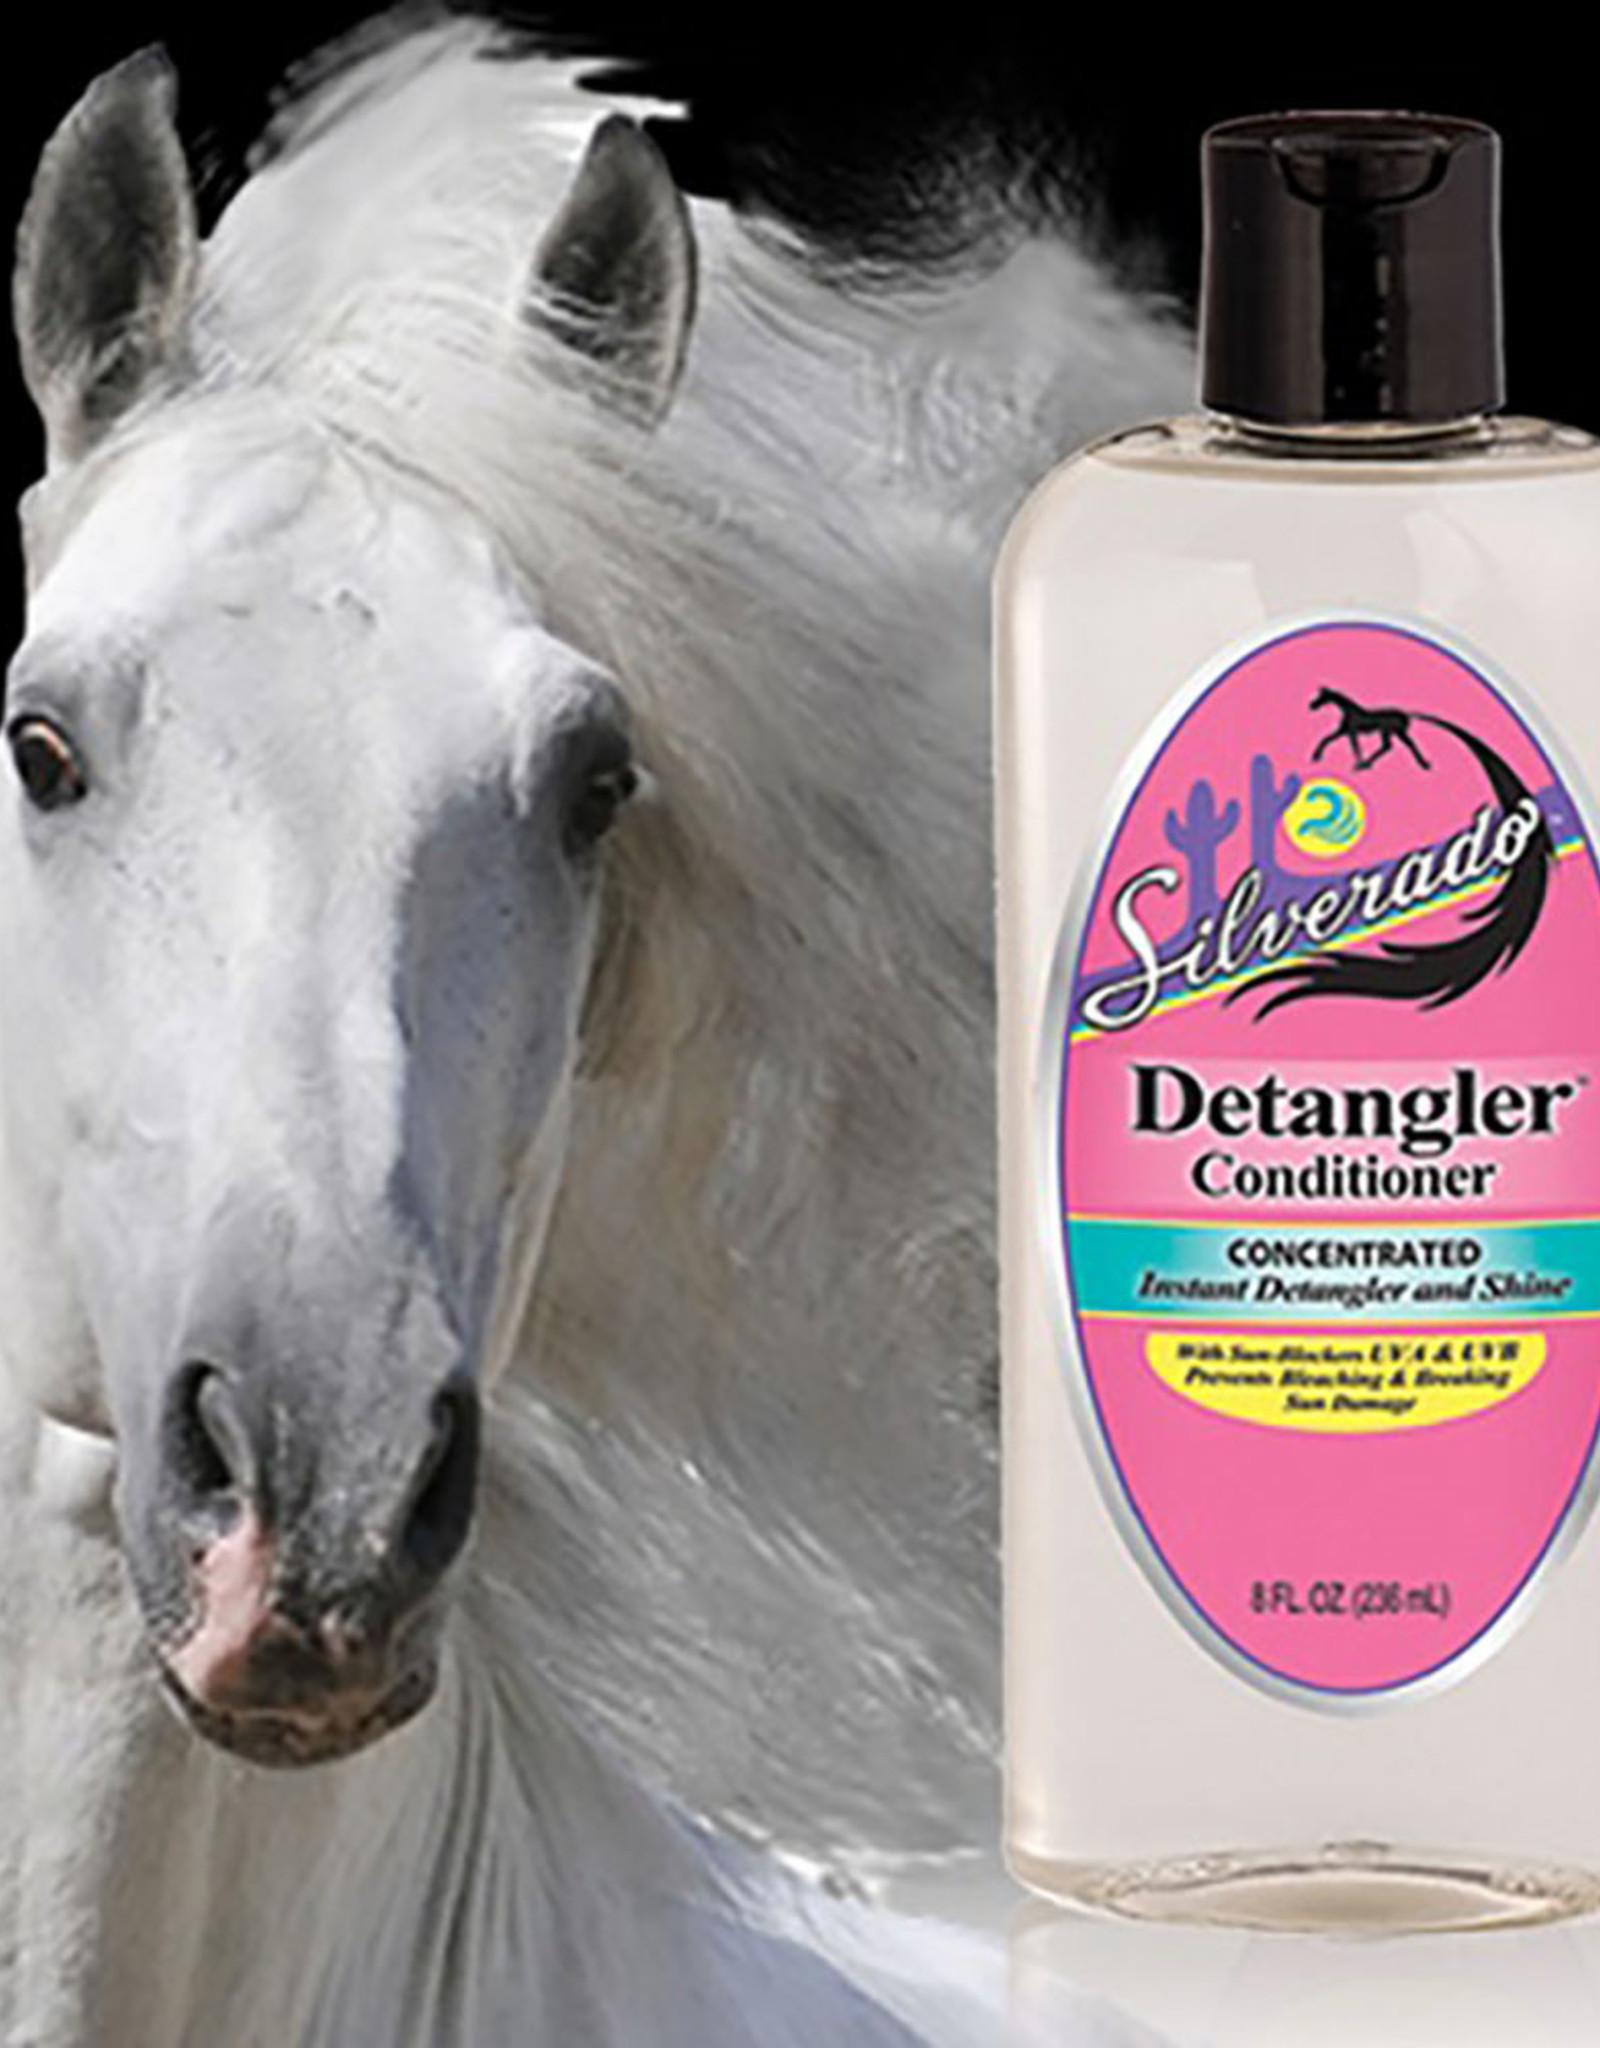 HEALTHY HAIR CARE SILVERADO DETANGLER 236 ML